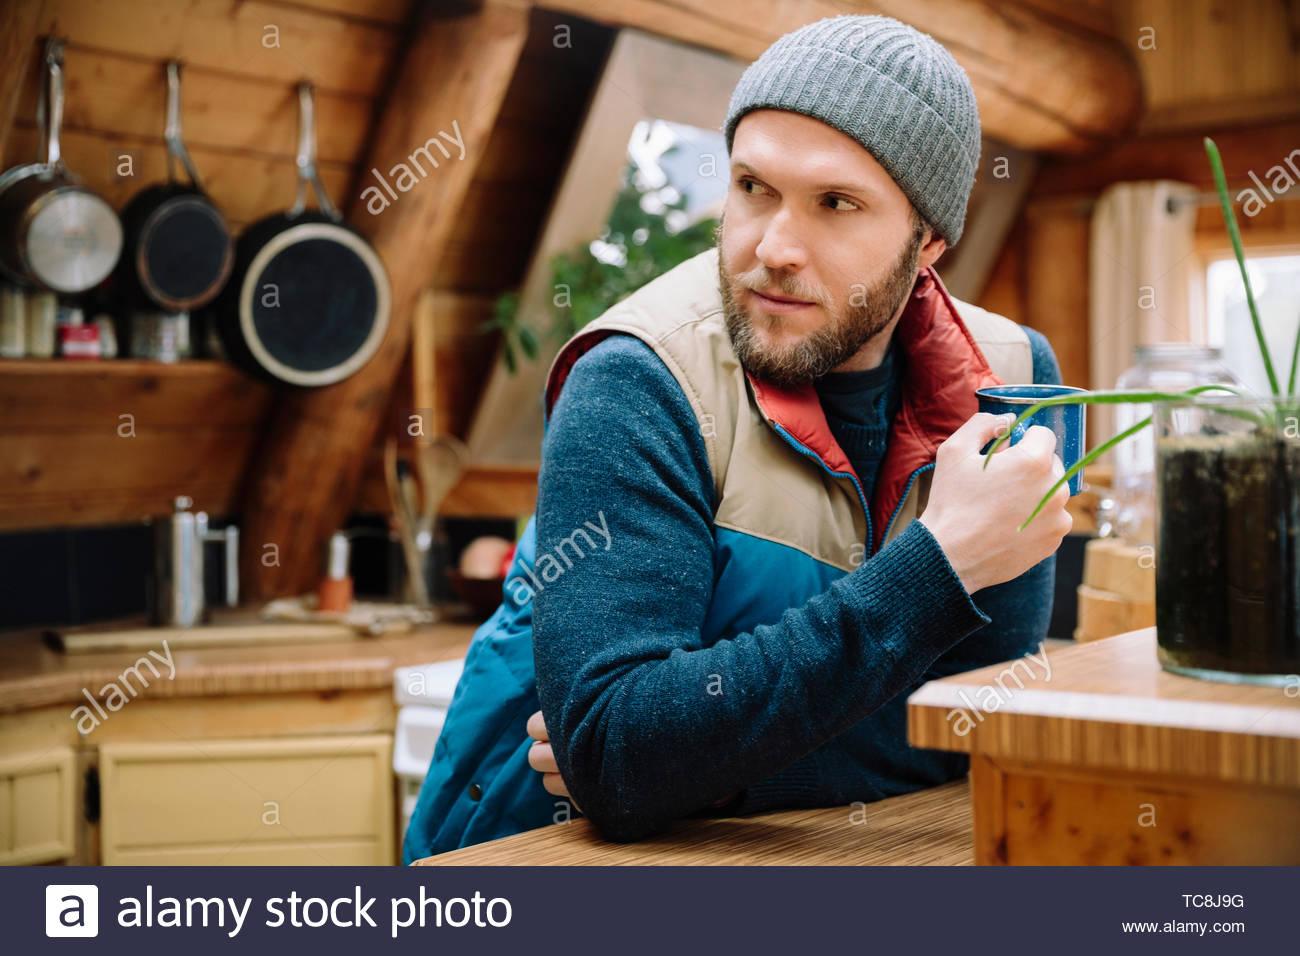 L'homme de boire du café dans la cuisine cabine Photo Stock